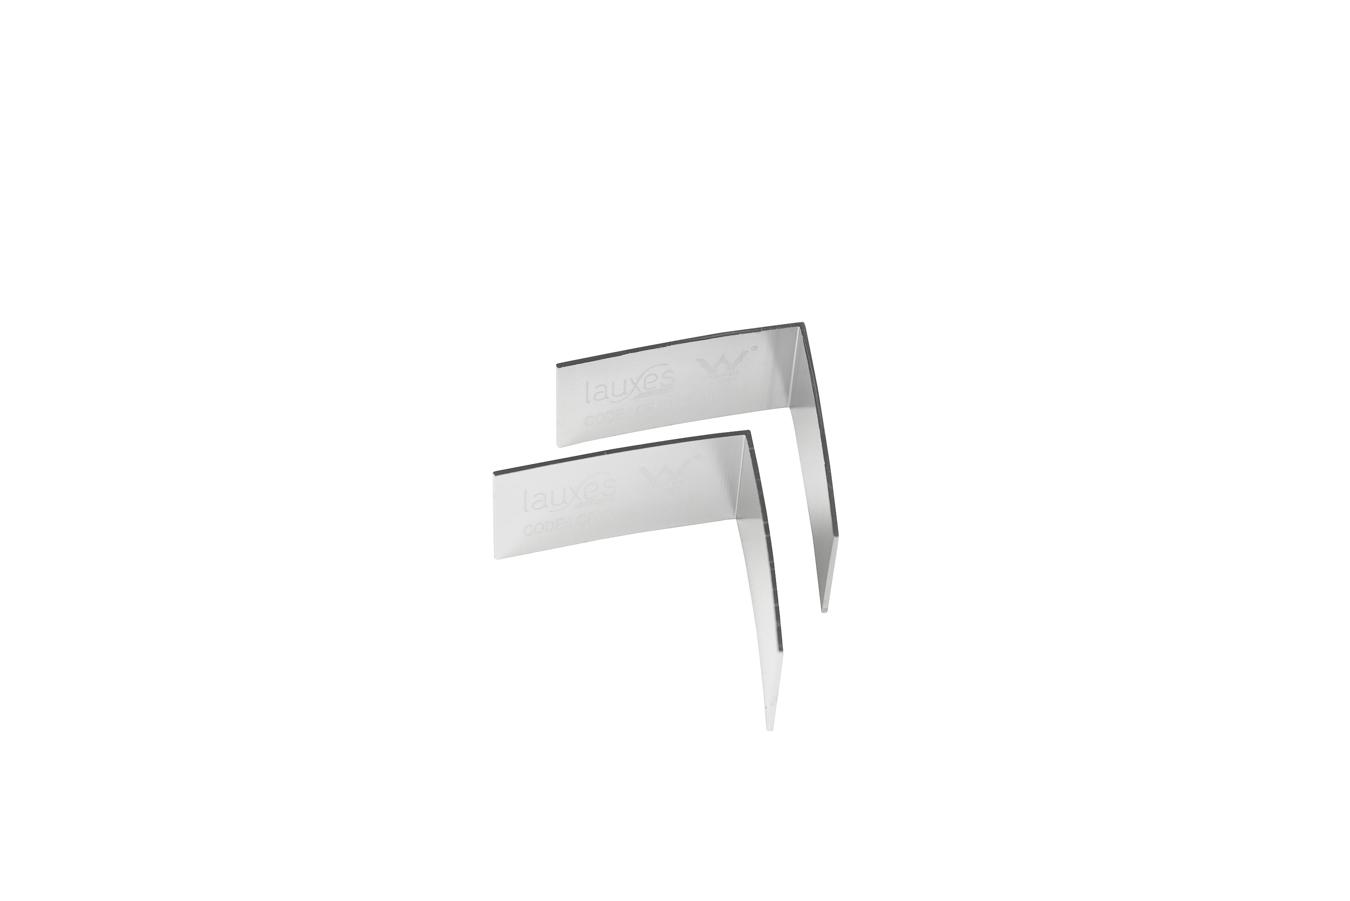 Lcfjoiner90 22 (sfg)